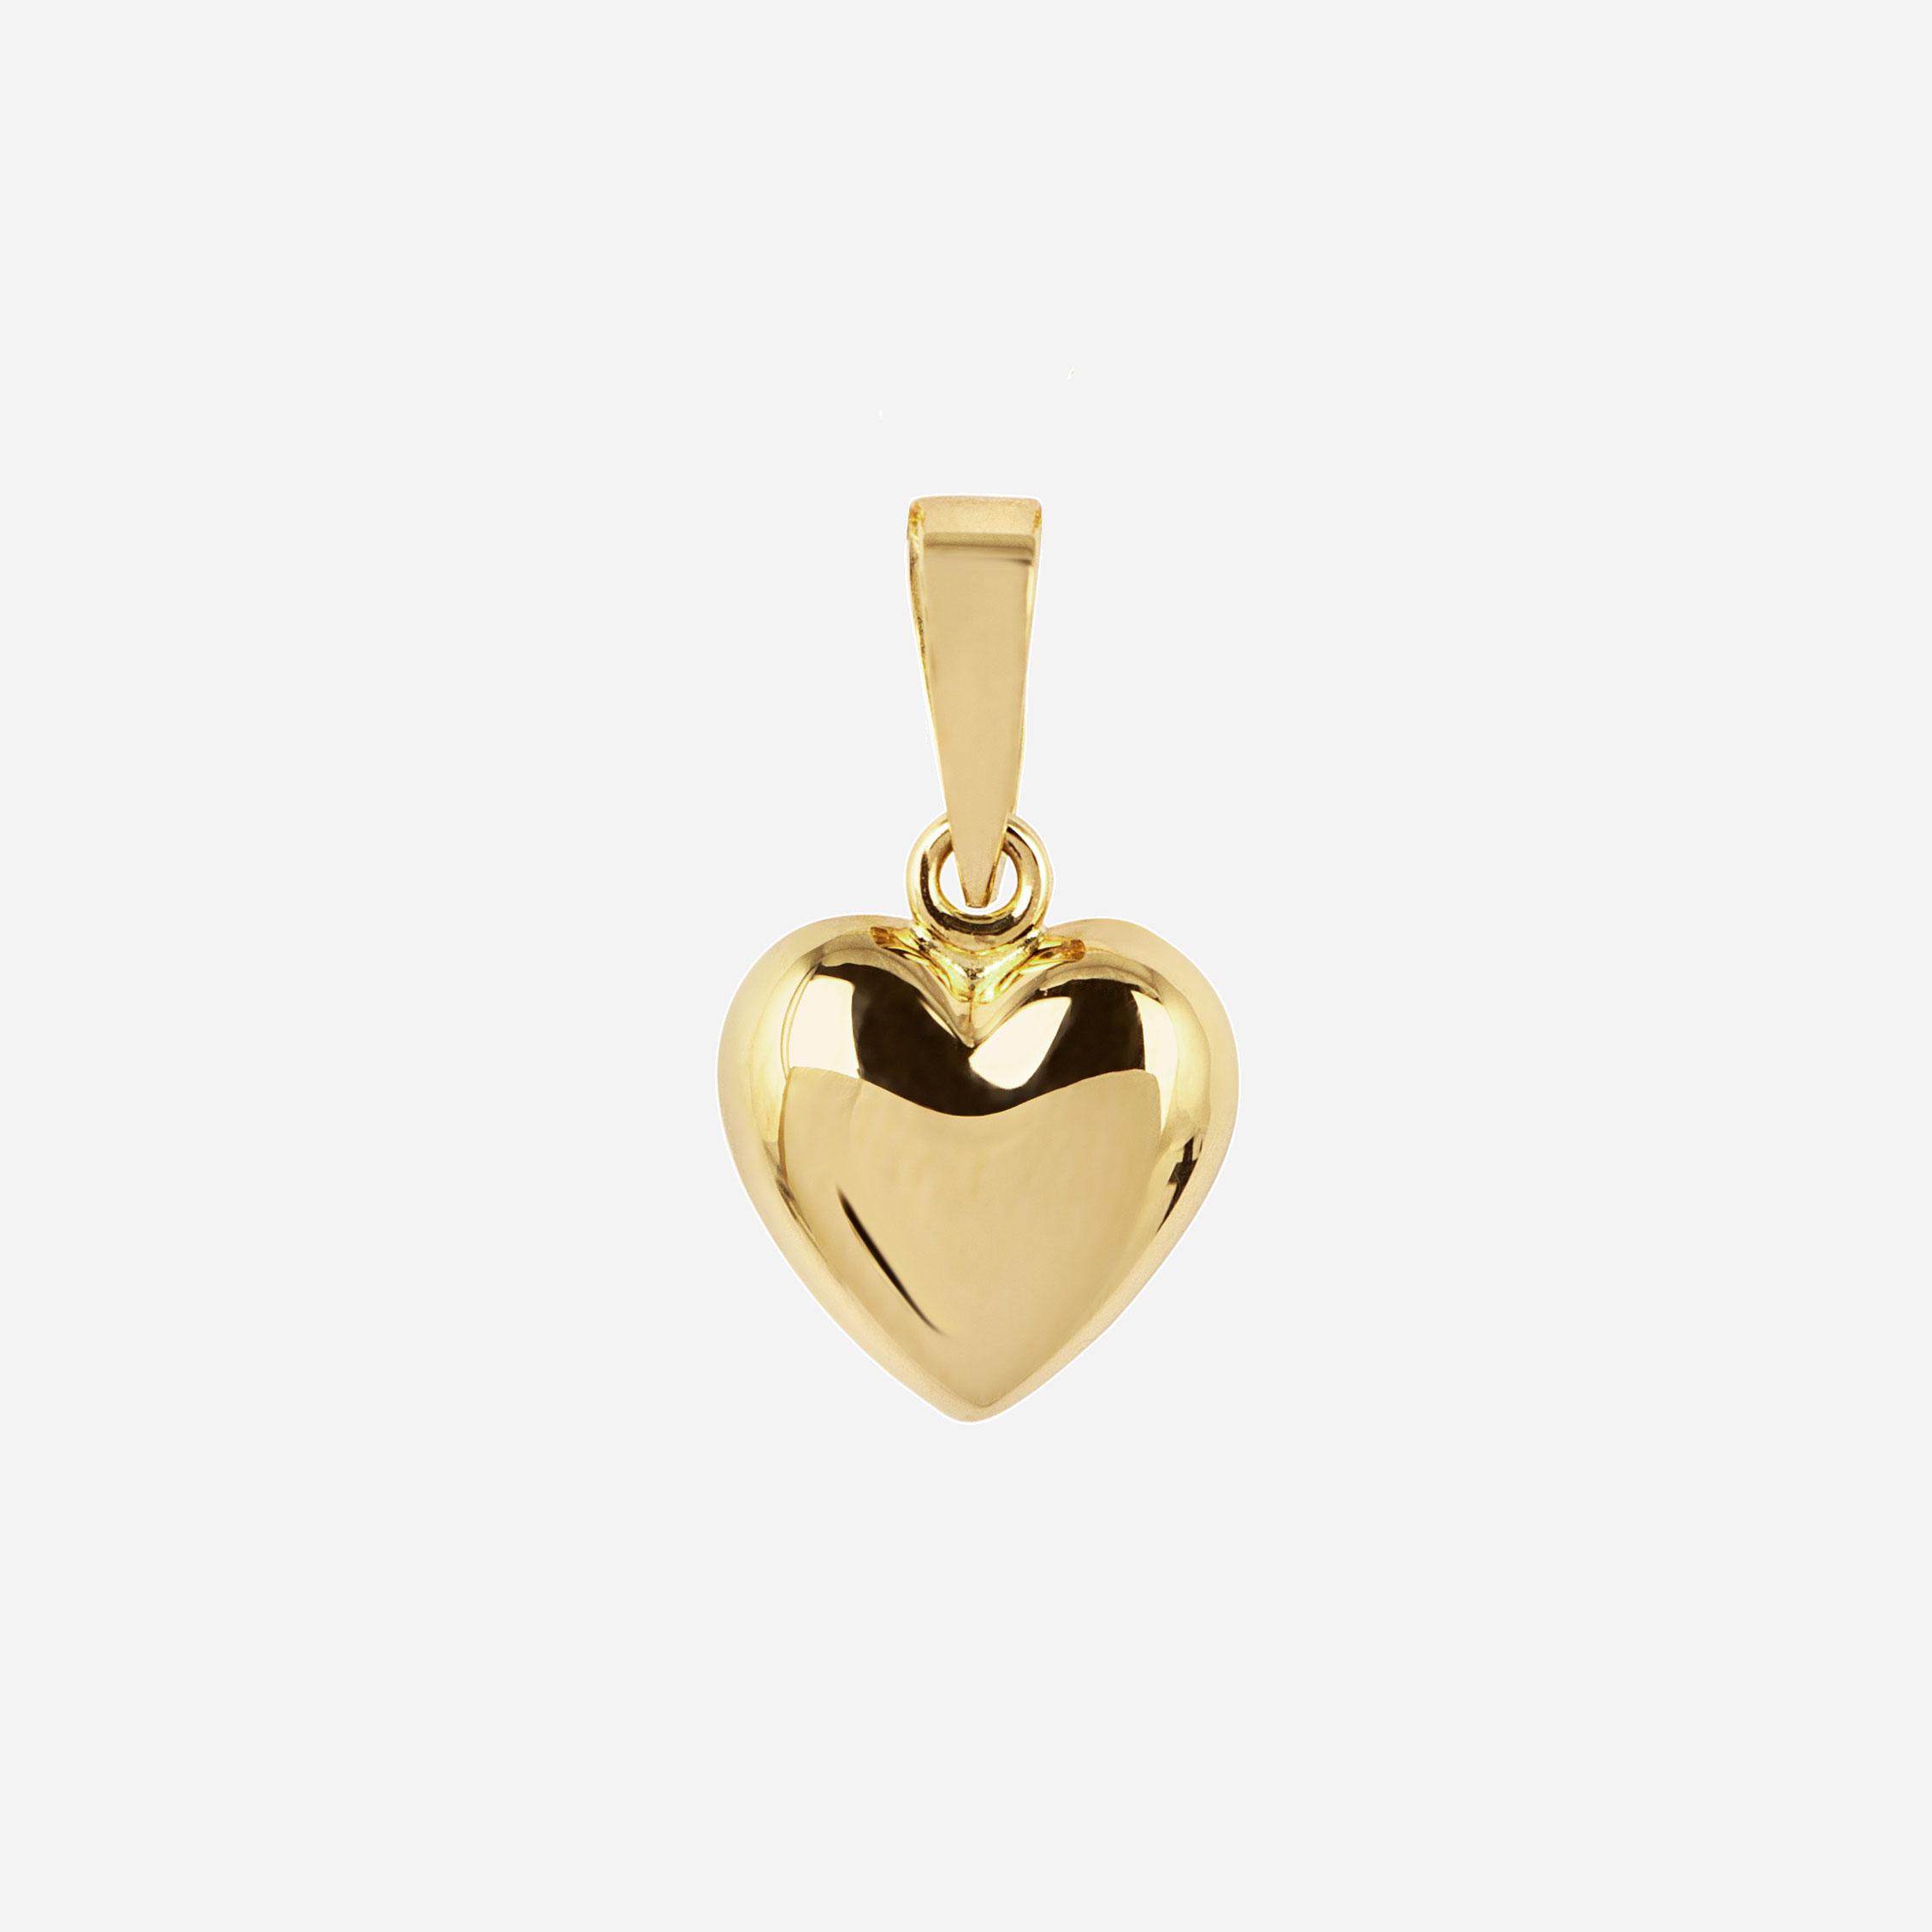 Berlock 18k guld - Bitsäkert Hjärta 8,5 mm